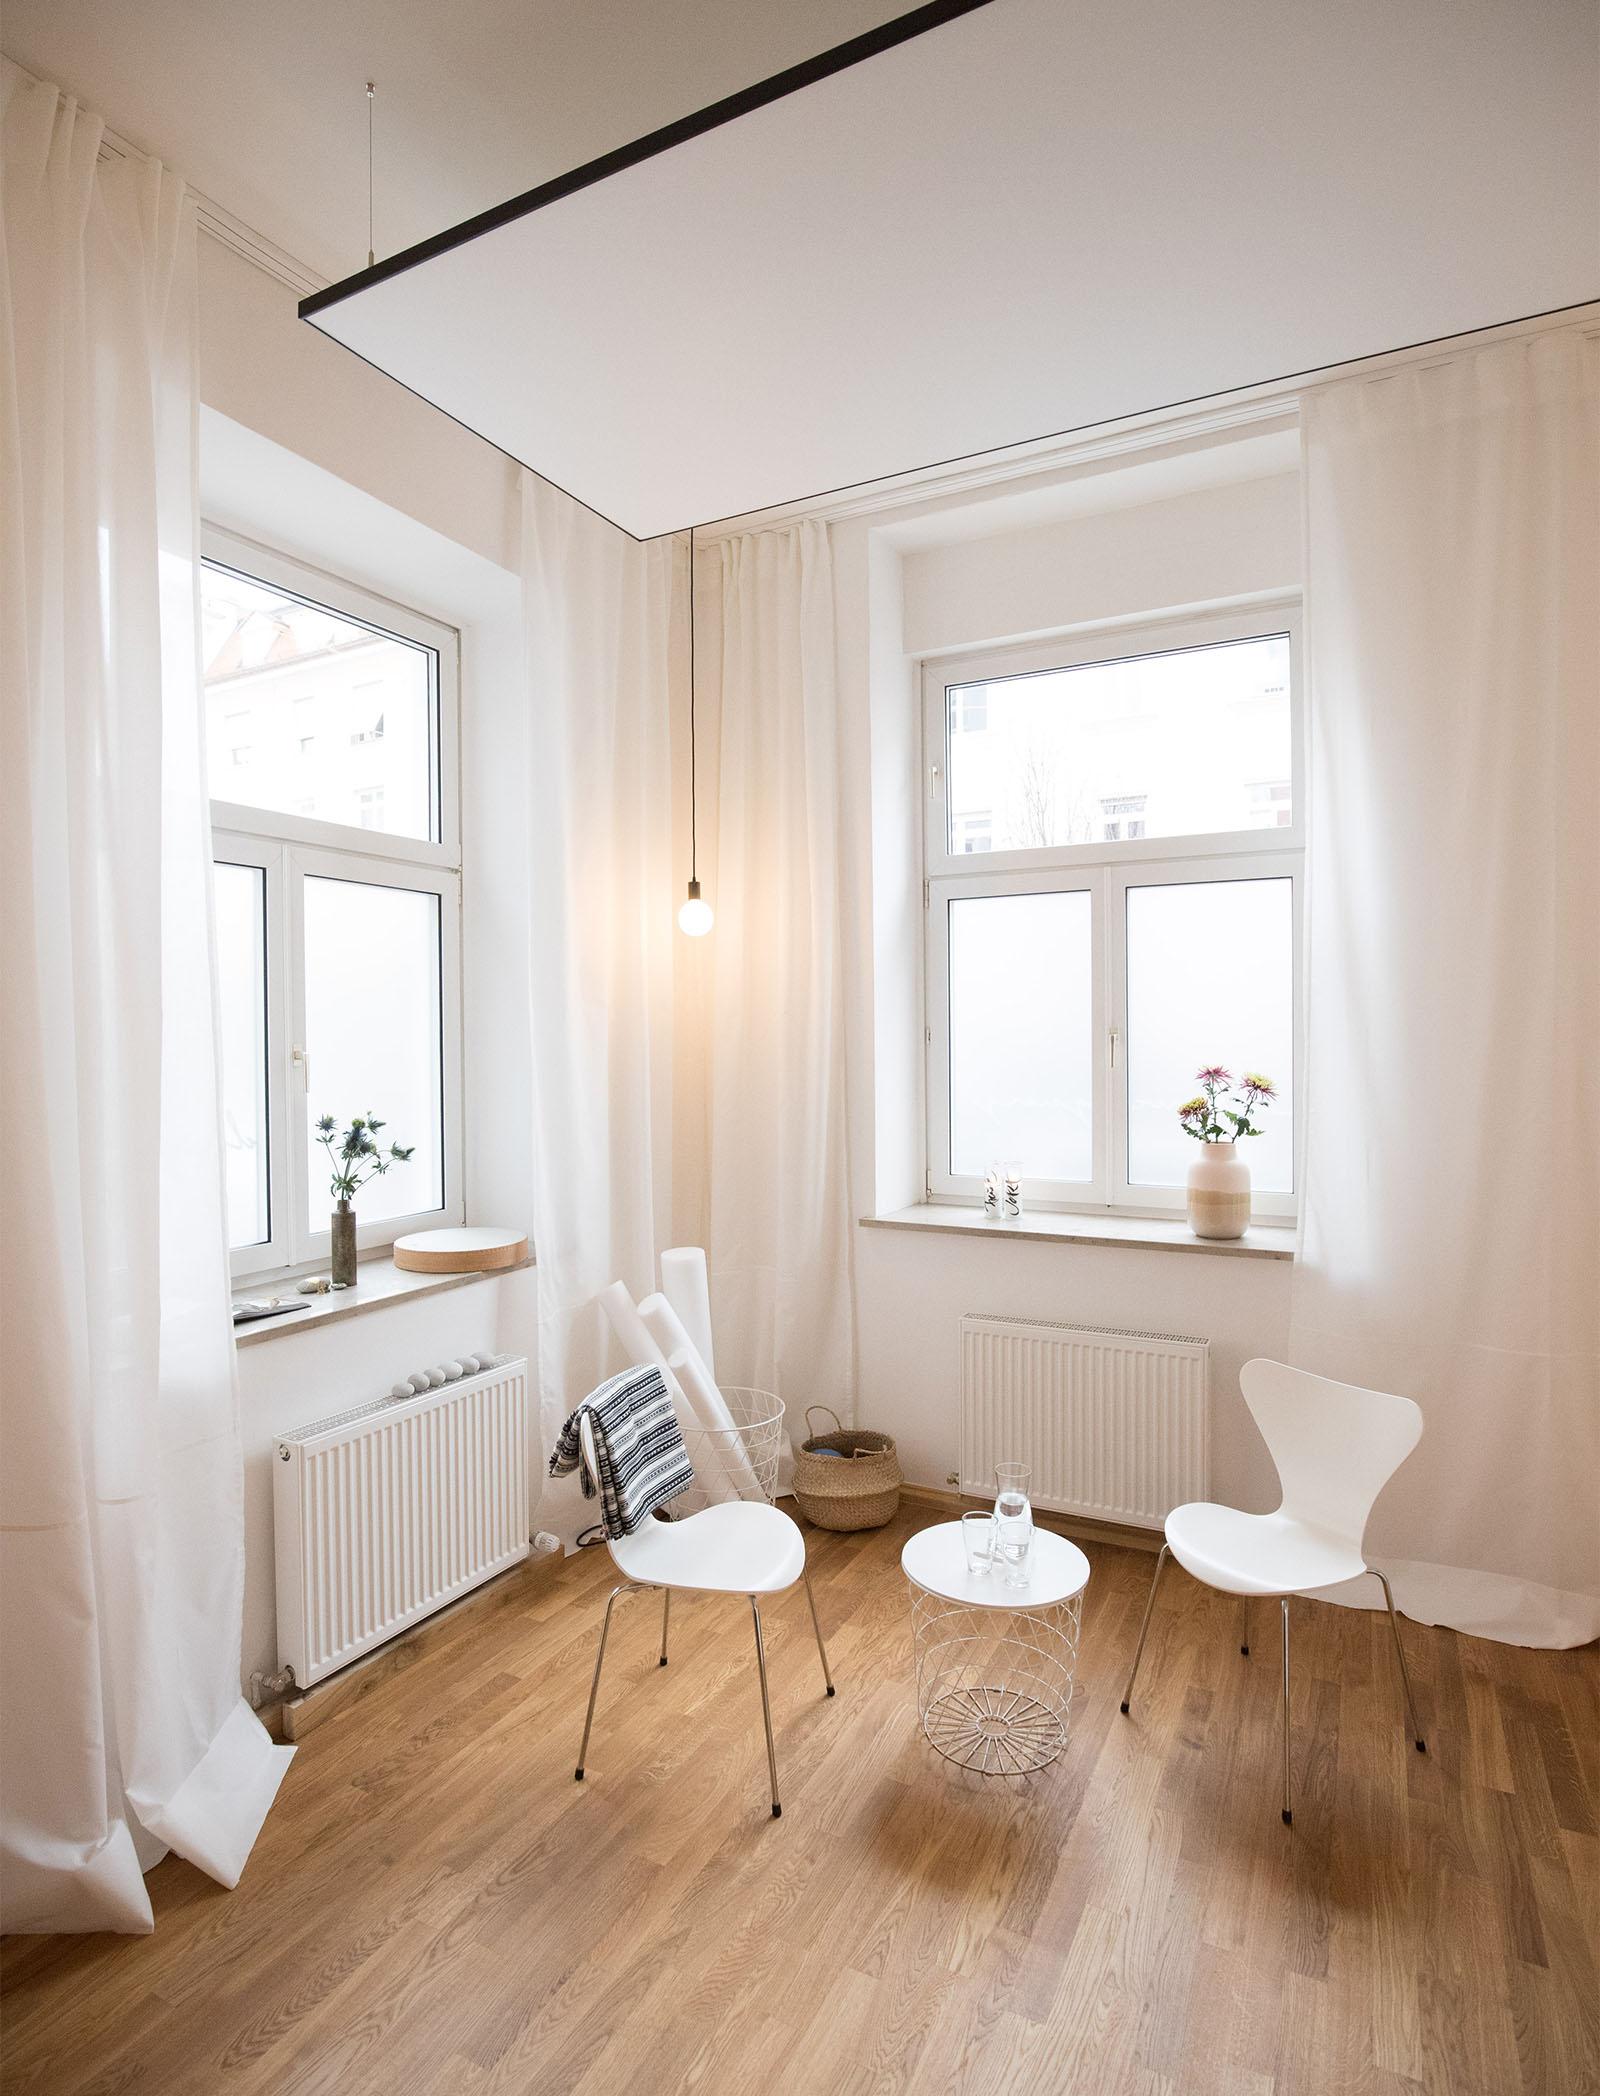 Studio Ygia, München, Raum mit Stühlen für Coaching/spiritwork